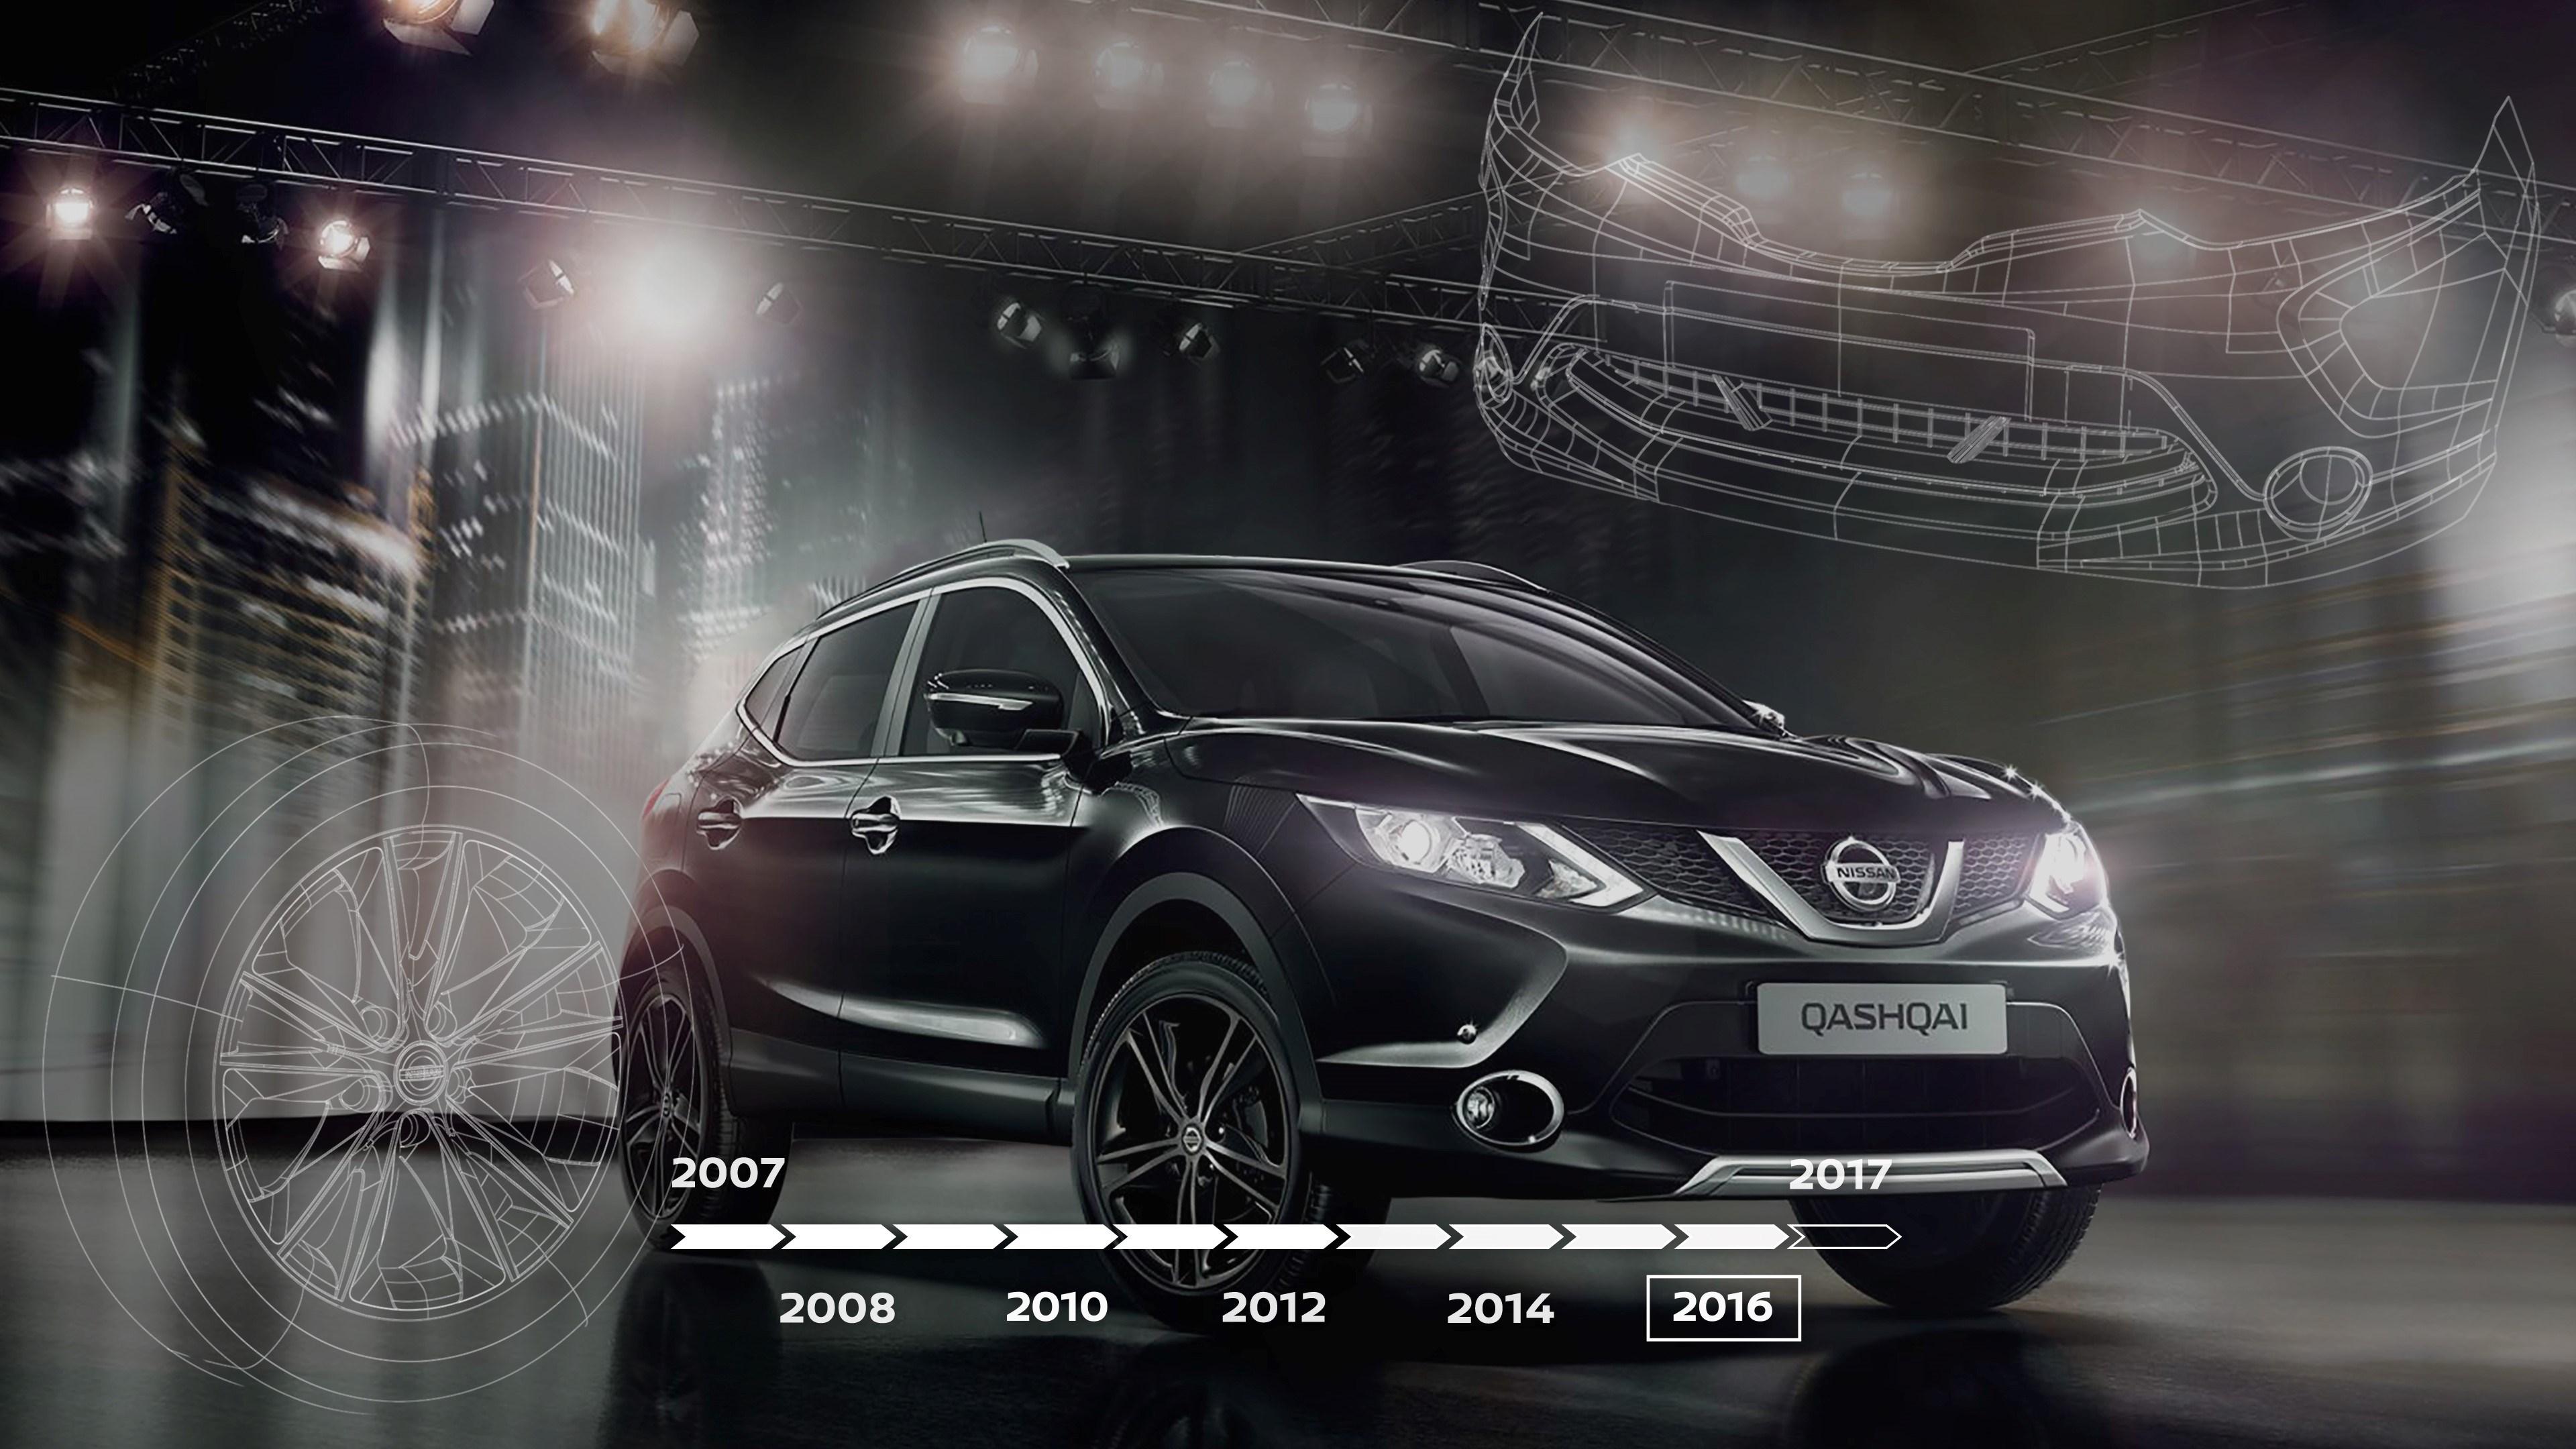 Nissan previews Qashqai 10th anniversary